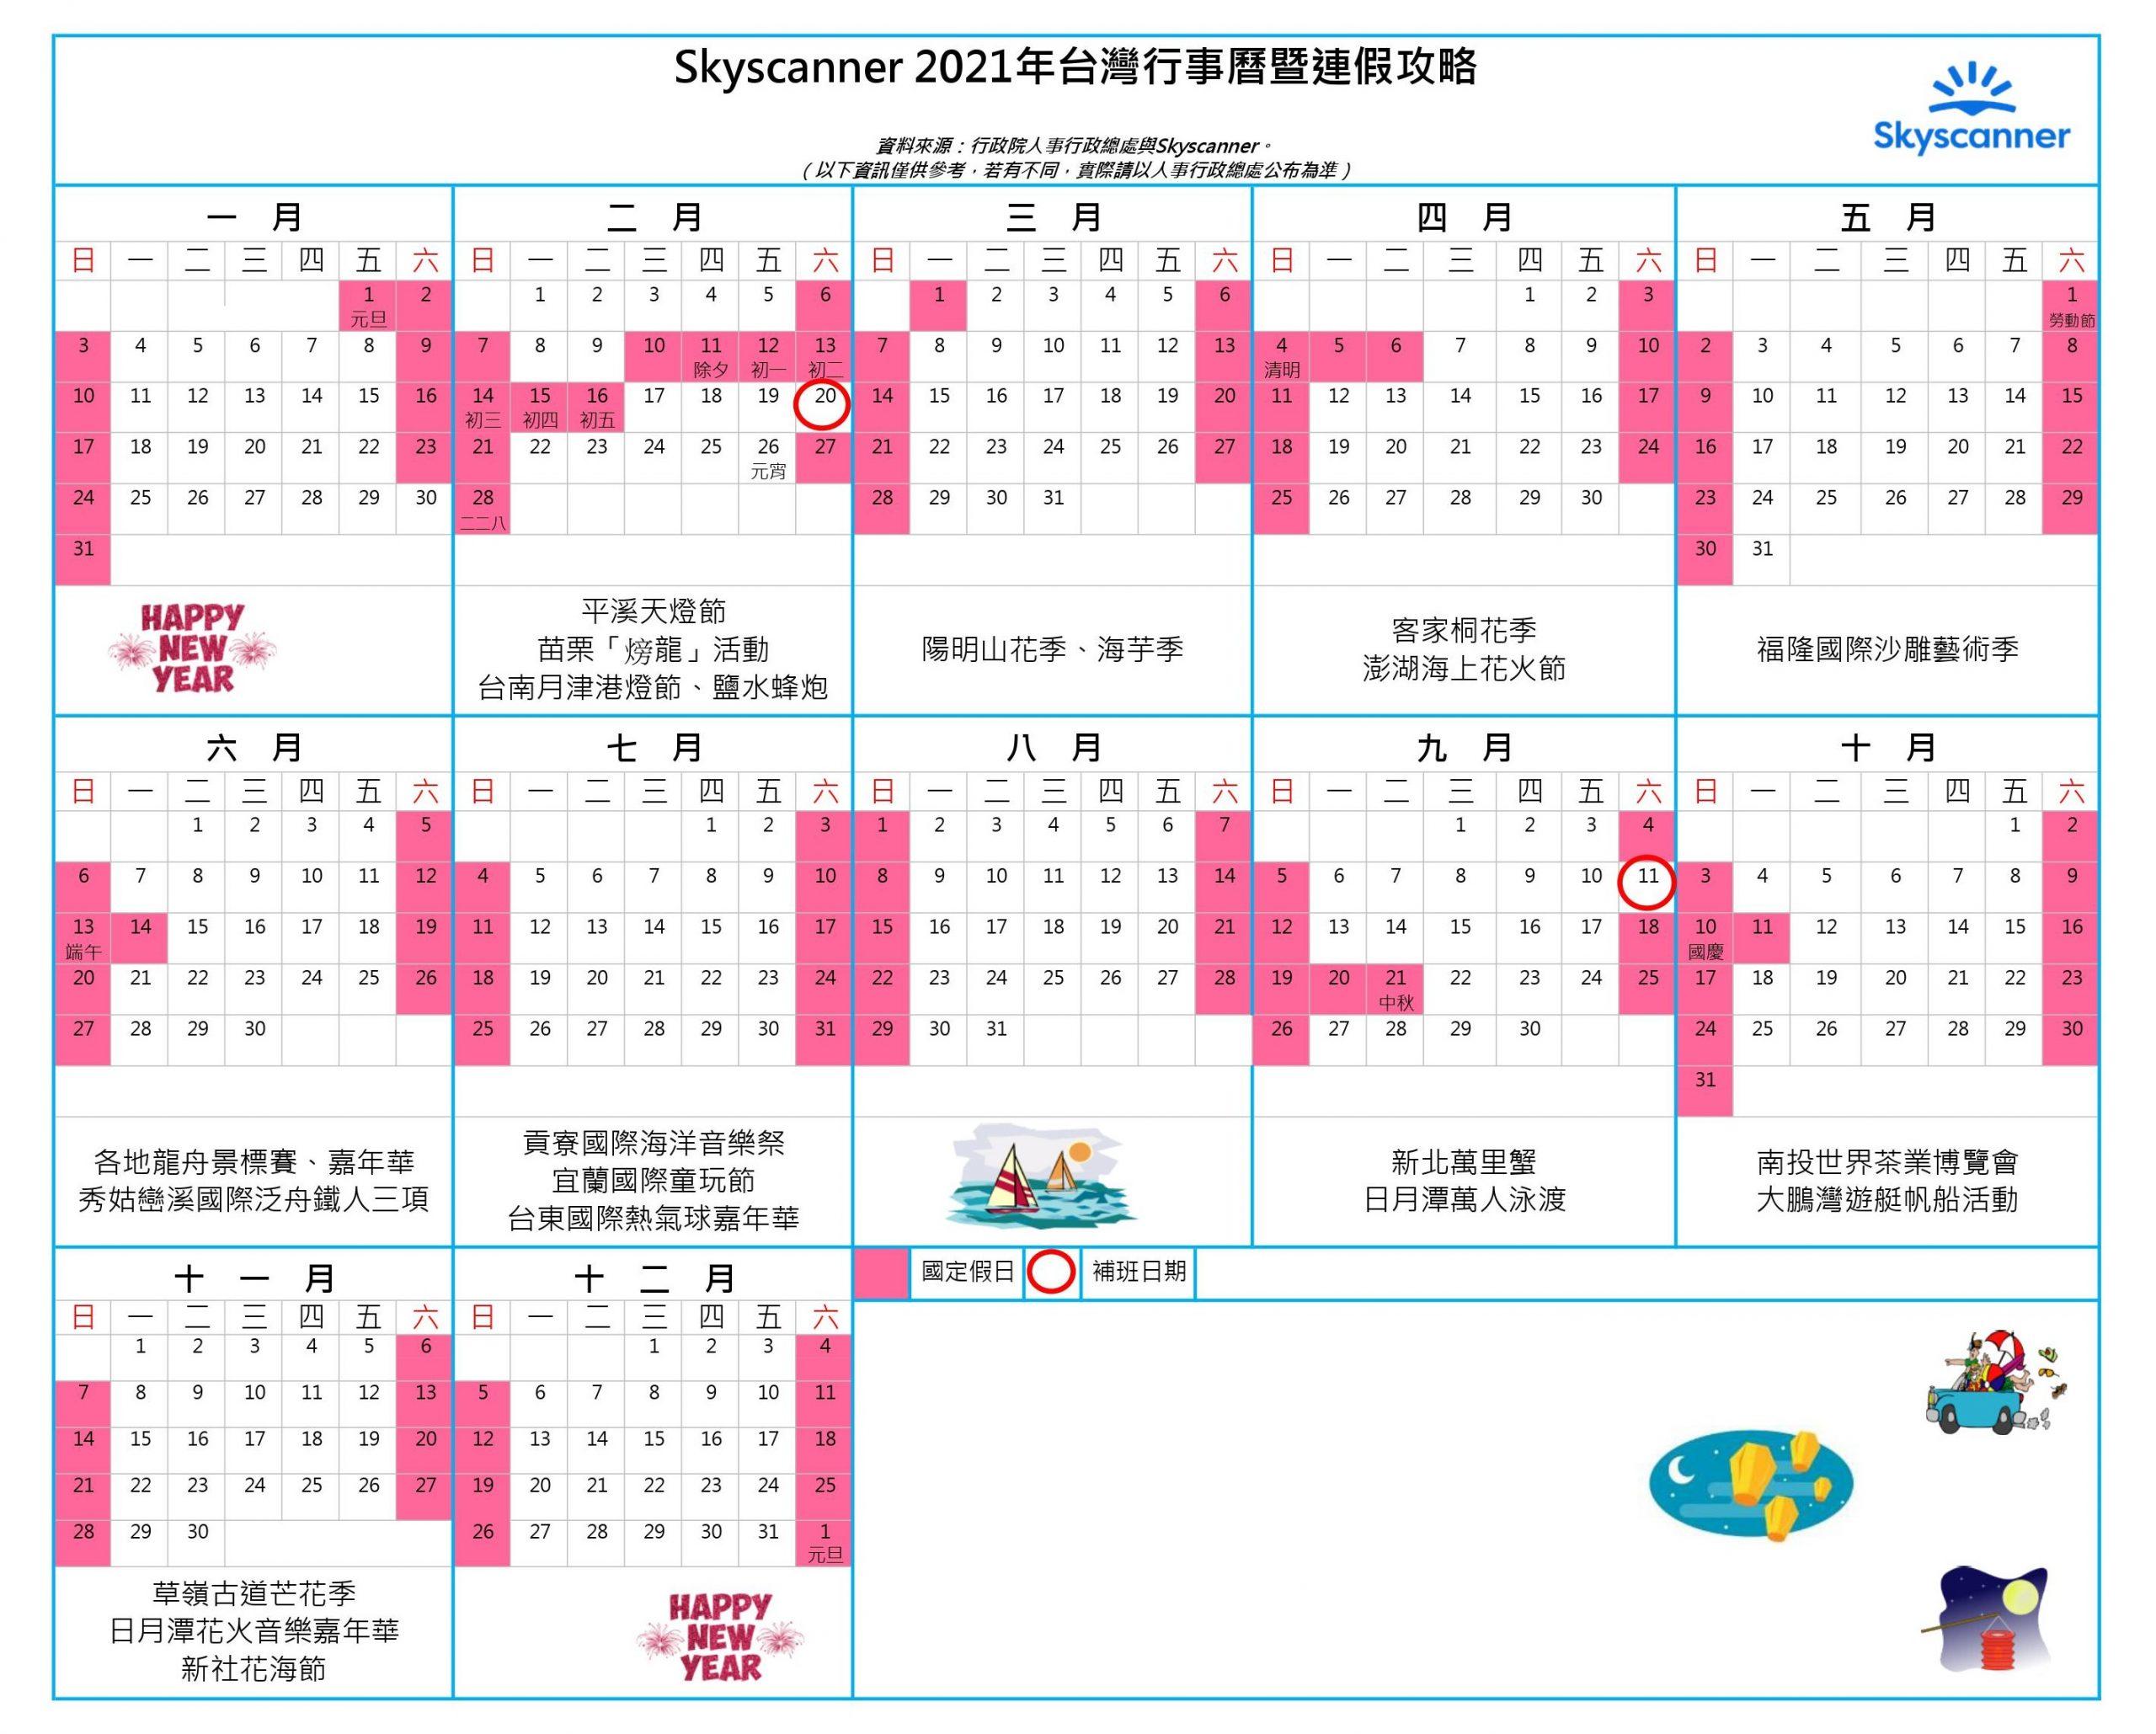 2021臺灣假期行事曆8大連假出遊攻略 | 小若生活漫旅